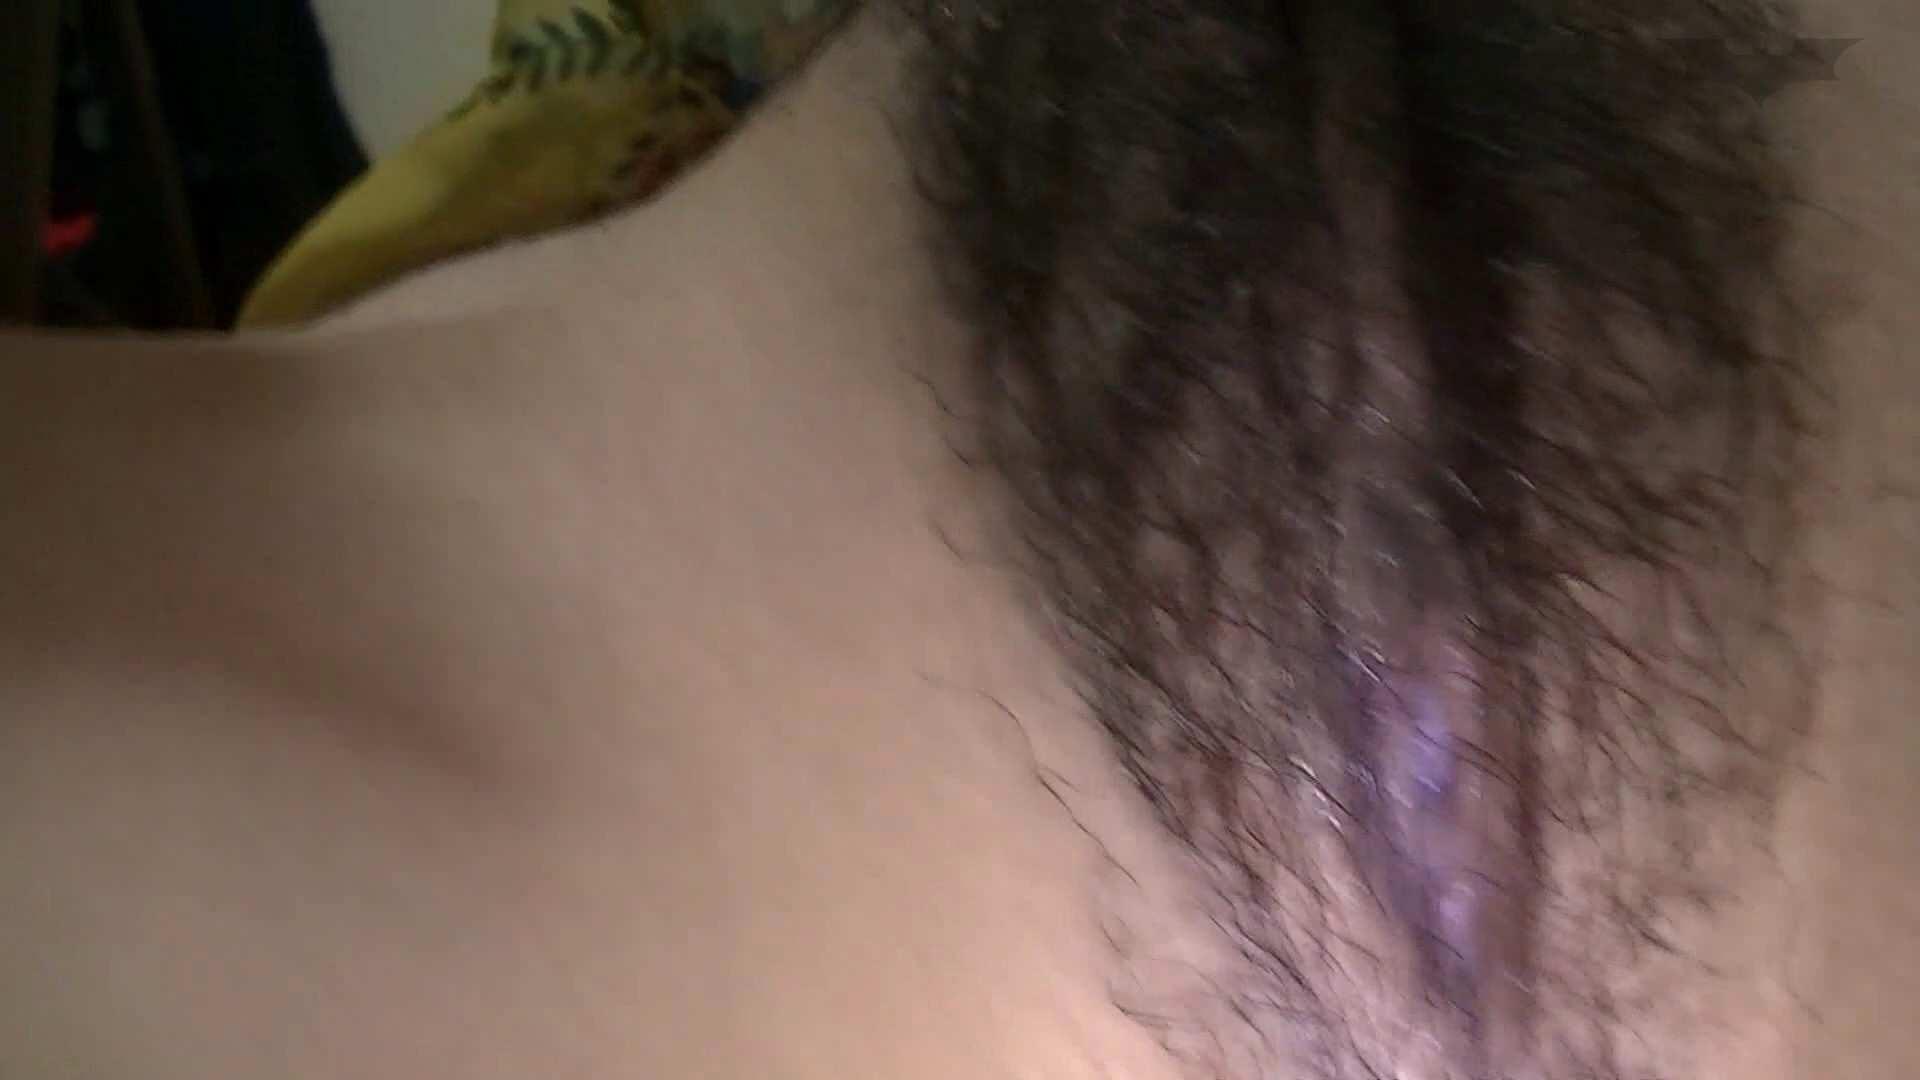 驚異のマン毛採集 五部作合作 美容専門学校生3人組再登場 パンツ | 学校の中は、、  97連発 71